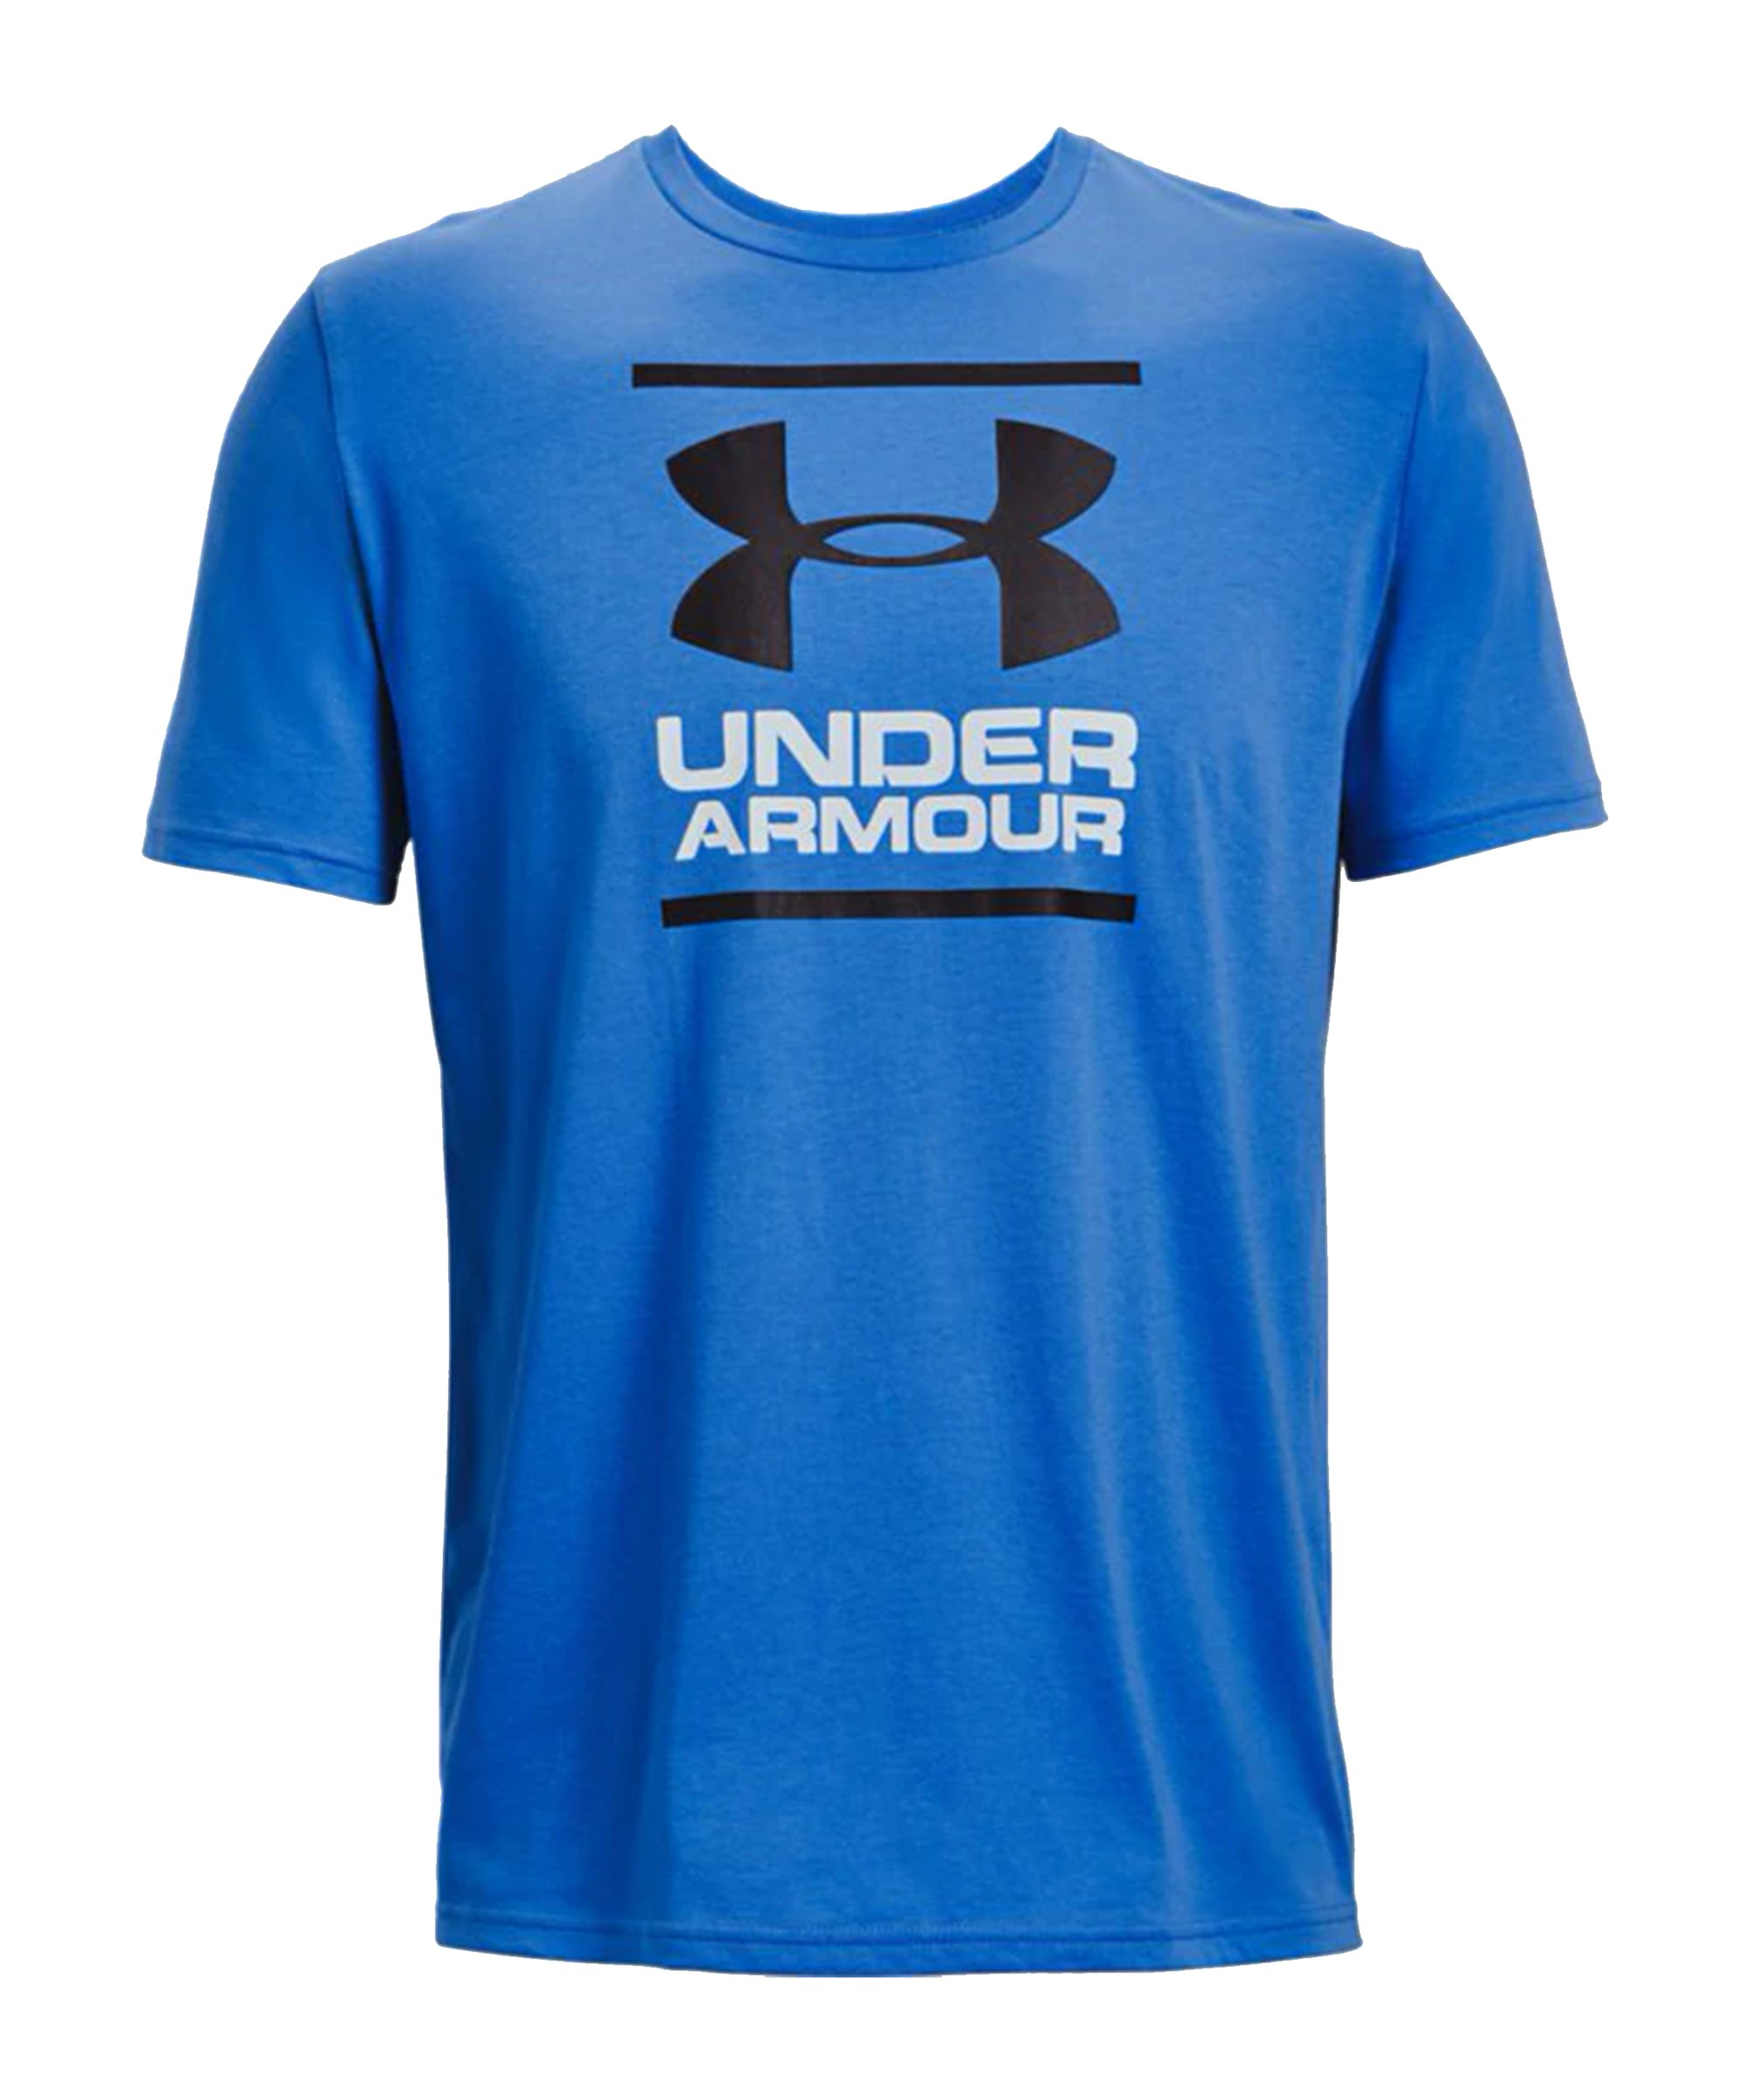 Under Armour GL Foundation T-Shirt Blau F787 - blau